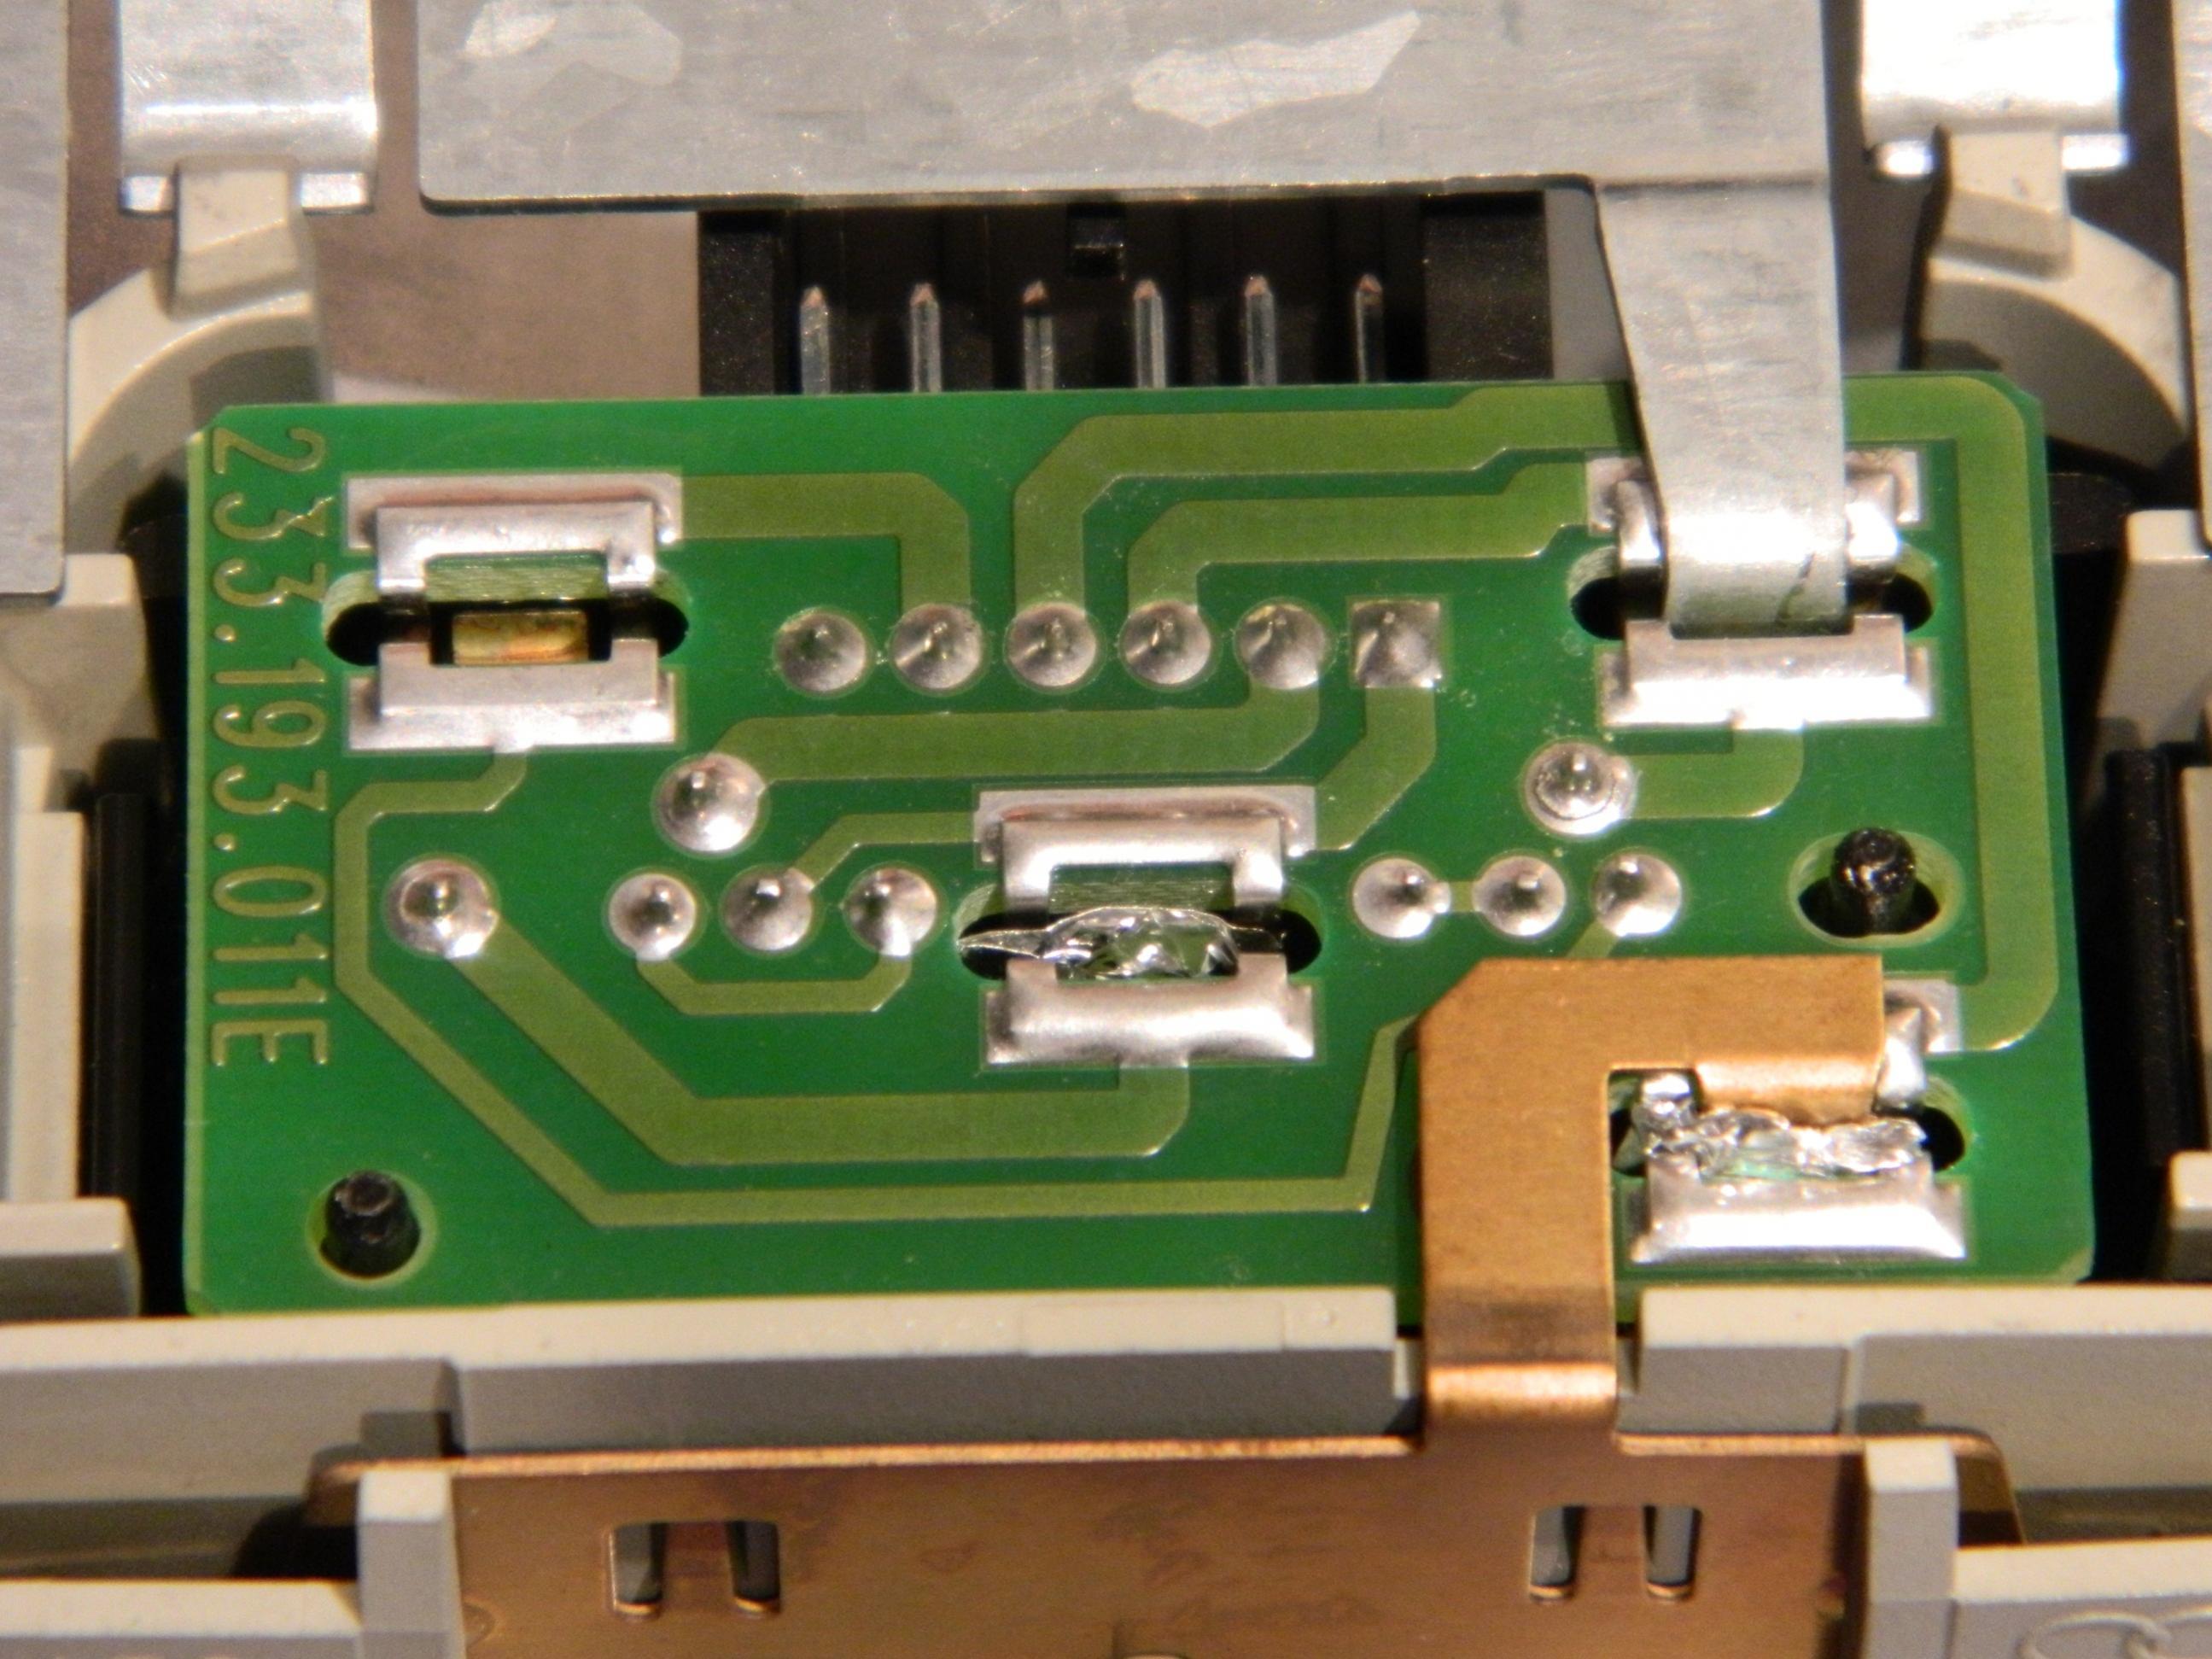 xDSCN4358.jpg.b7dcf088061d3ae7131ecc64b47f1964.jpg